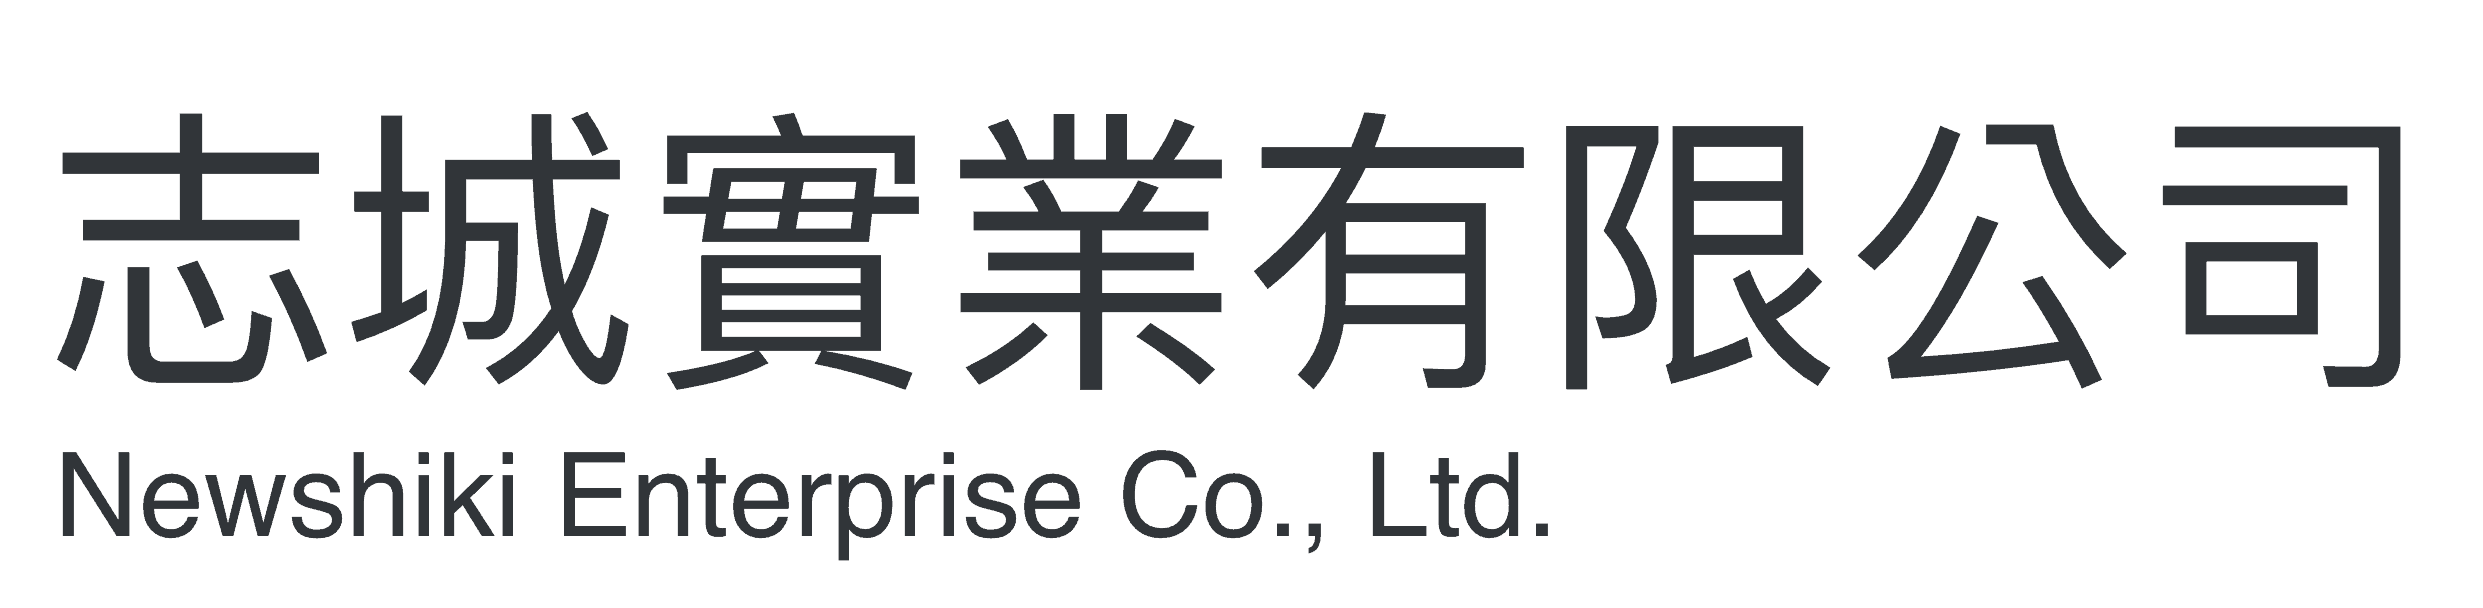 志城實業有限公司 Logo